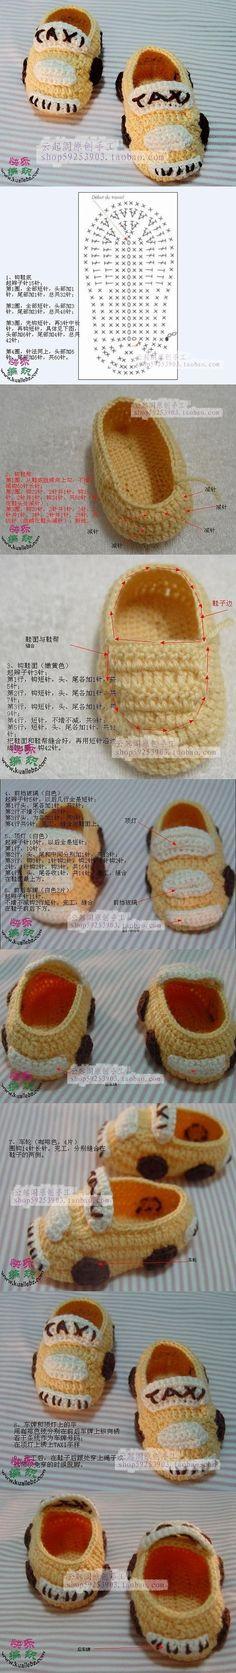 New baby shoes diy boy for kids 18 Ideas Booties Crochet, Diy Crochet Shoes, Crochet Slippers, Baby Slippers, Crochet For Boys, Love Crochet, Knit Crochet, Crochet Hats, Crochet Pattern